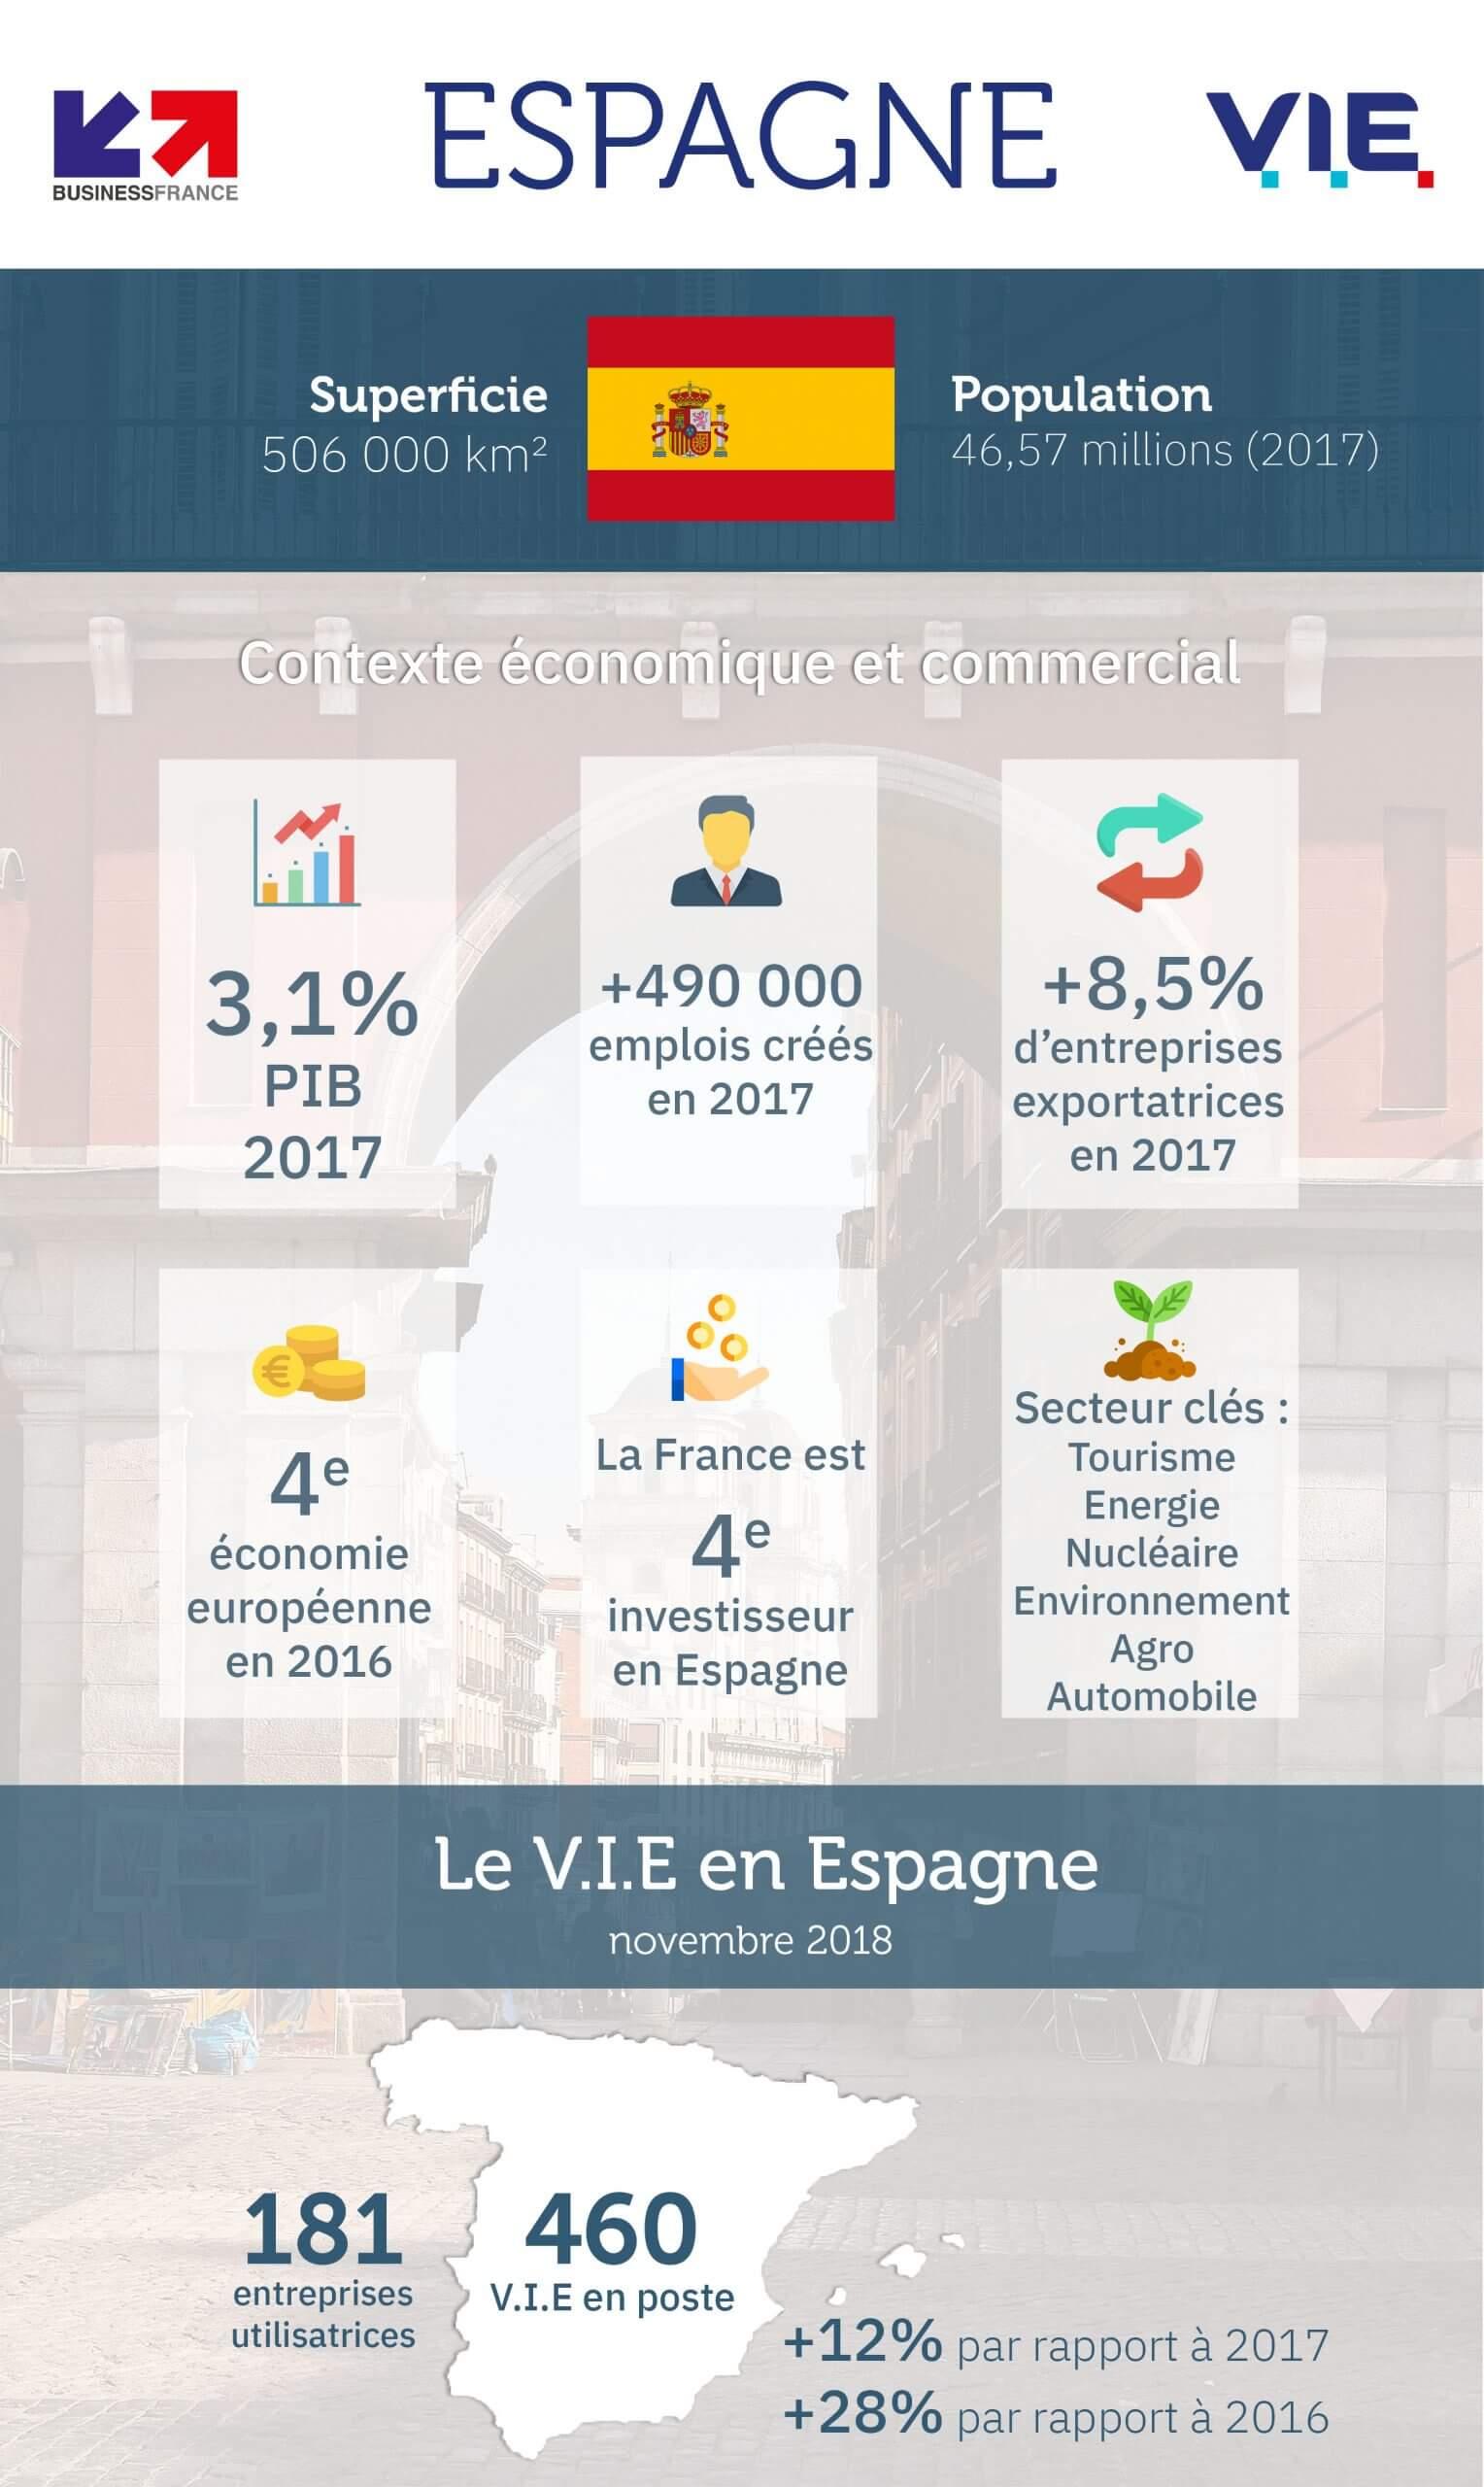 Infographie Economie, commerce, V.I.E en Espagne - Chiffres clés 2018